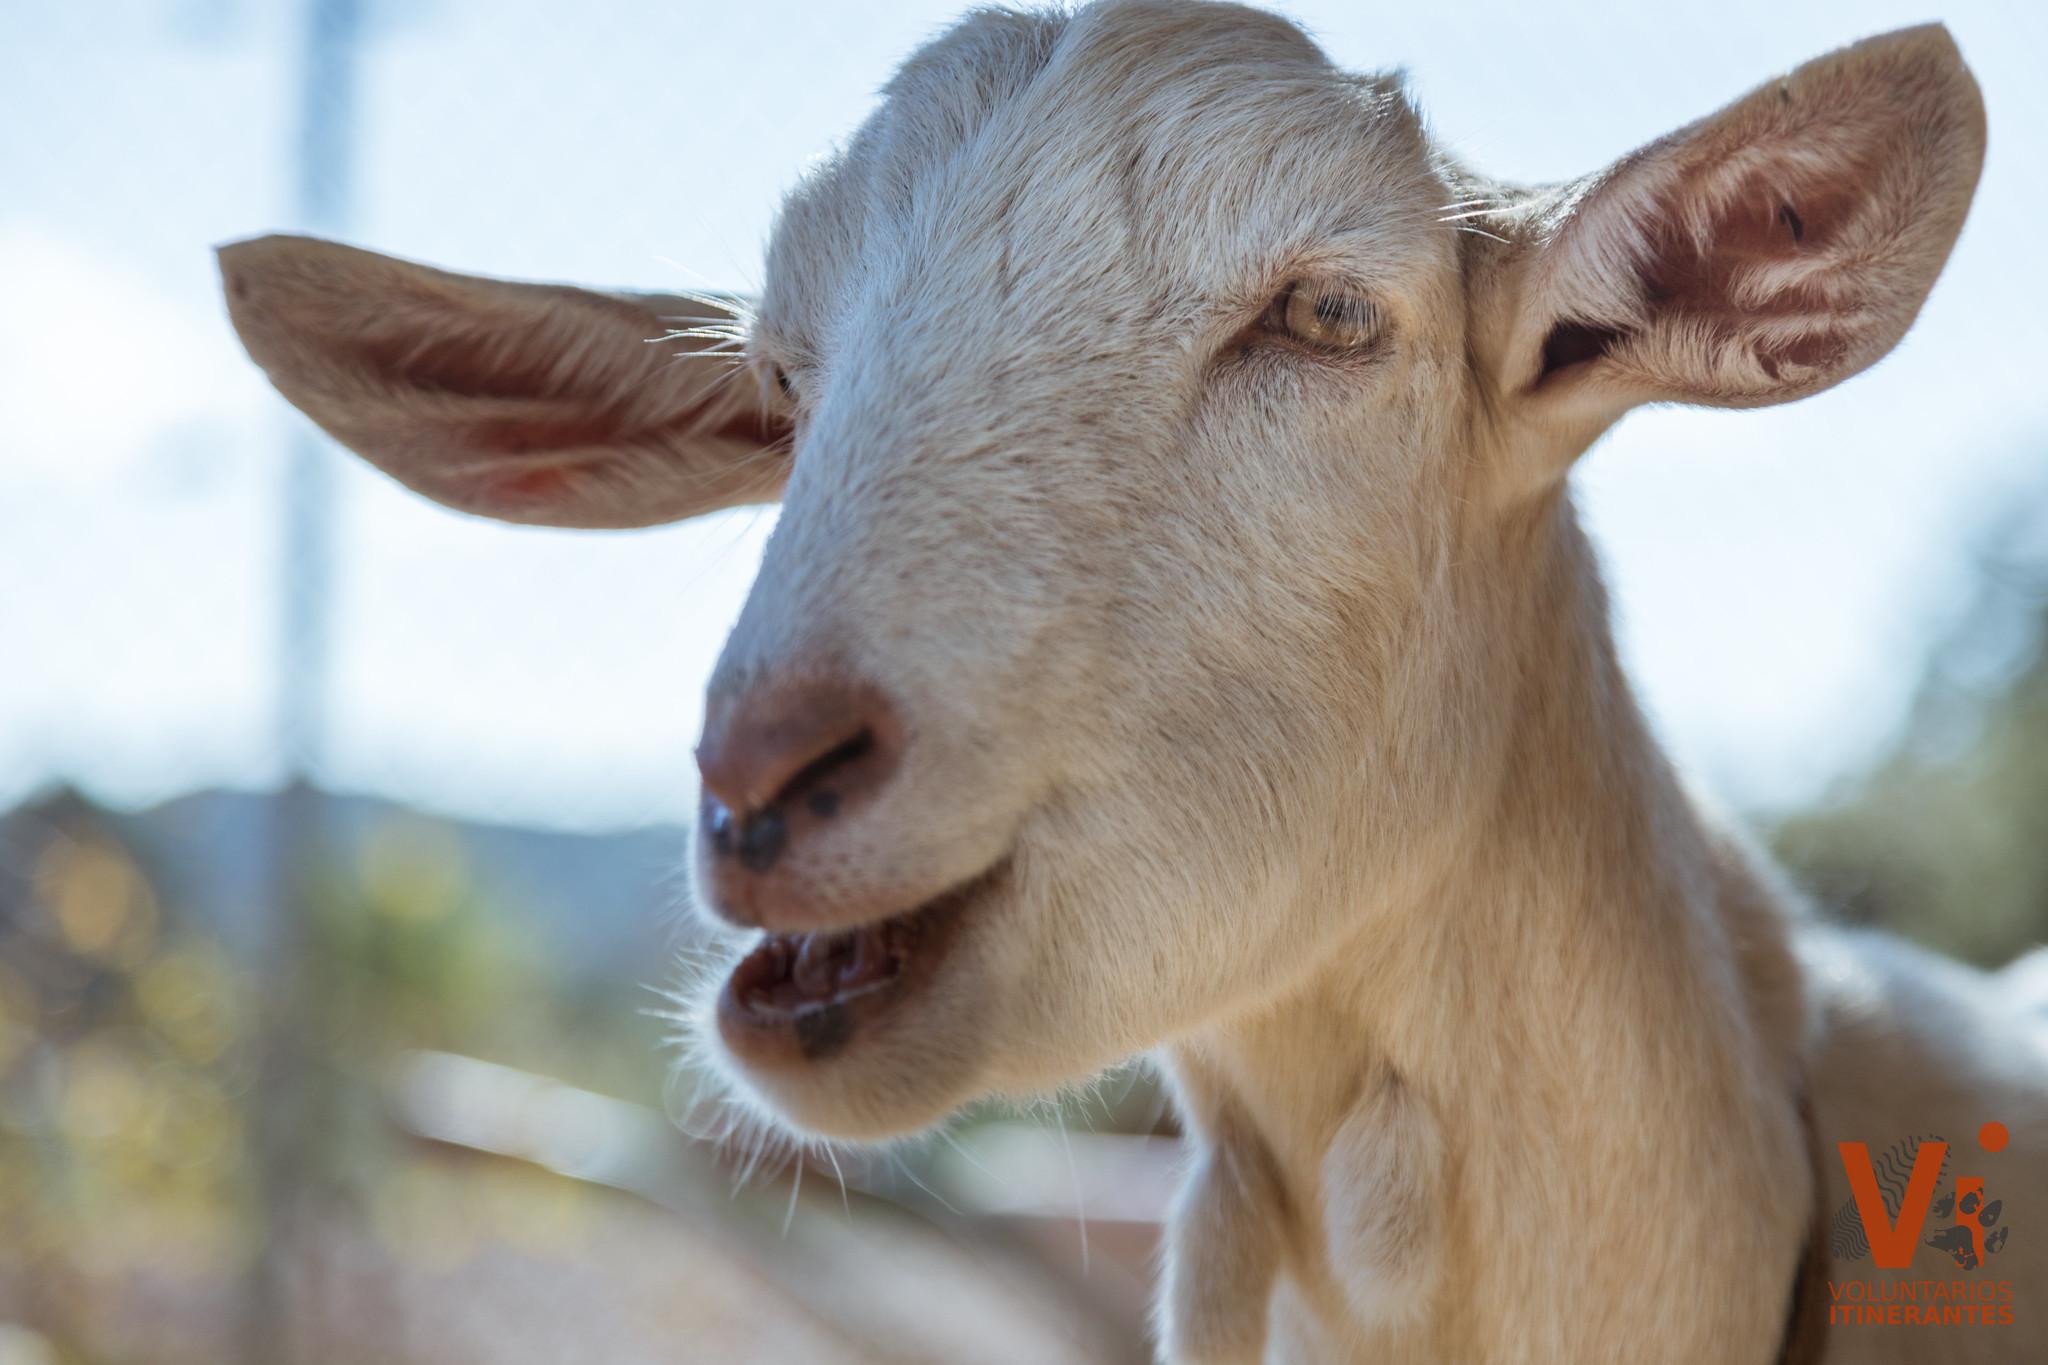 No son cosas. Código civil animales. Hulega de animales.